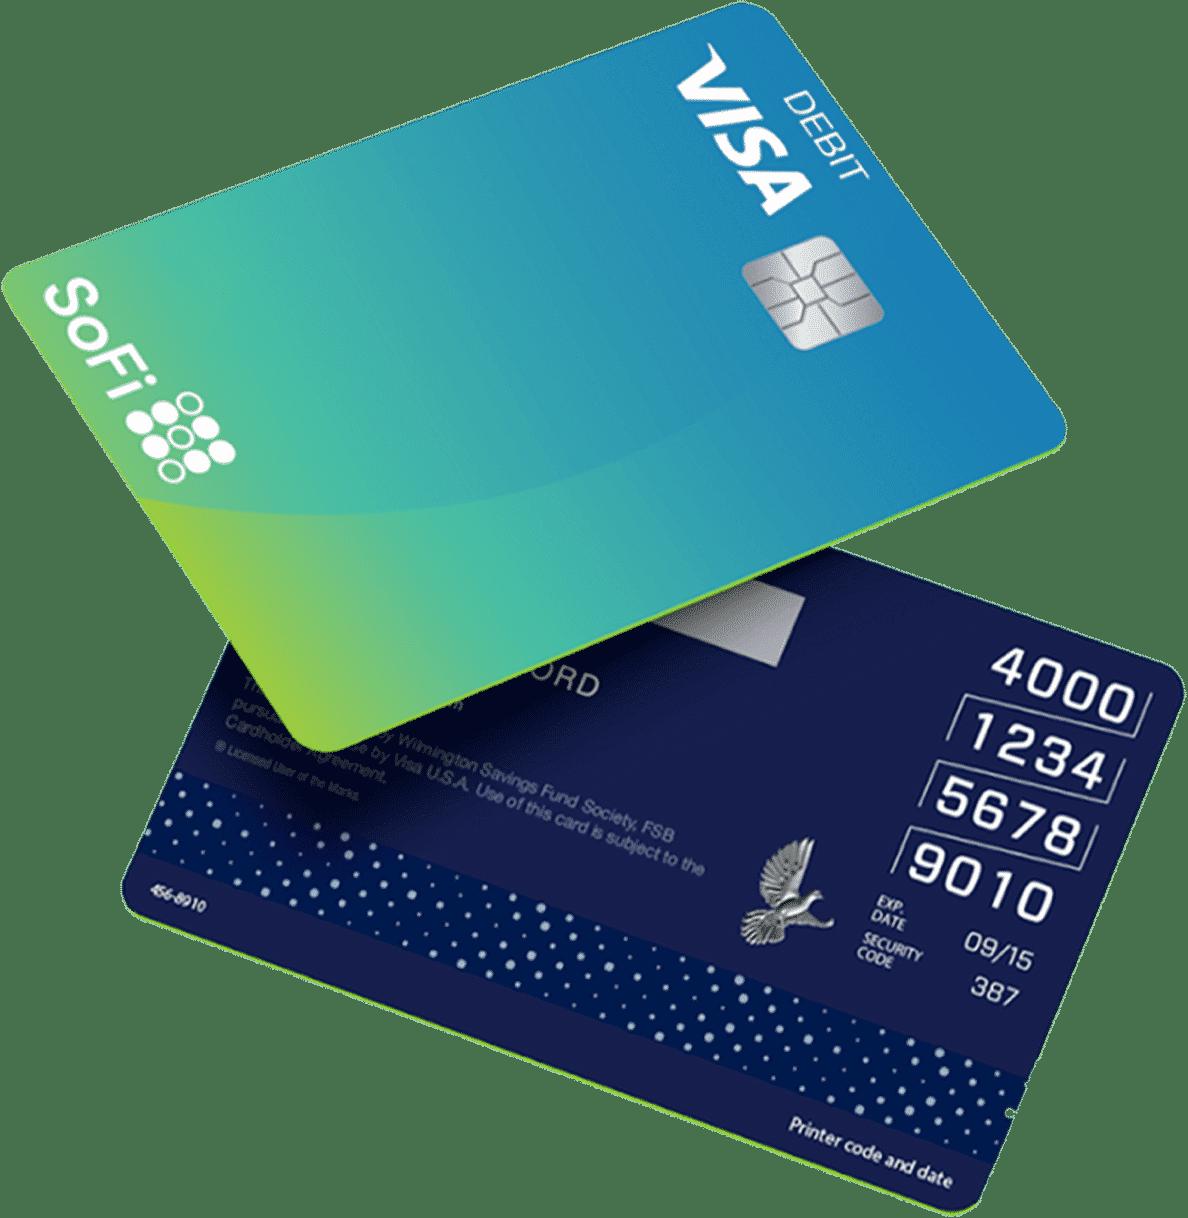 sofi money